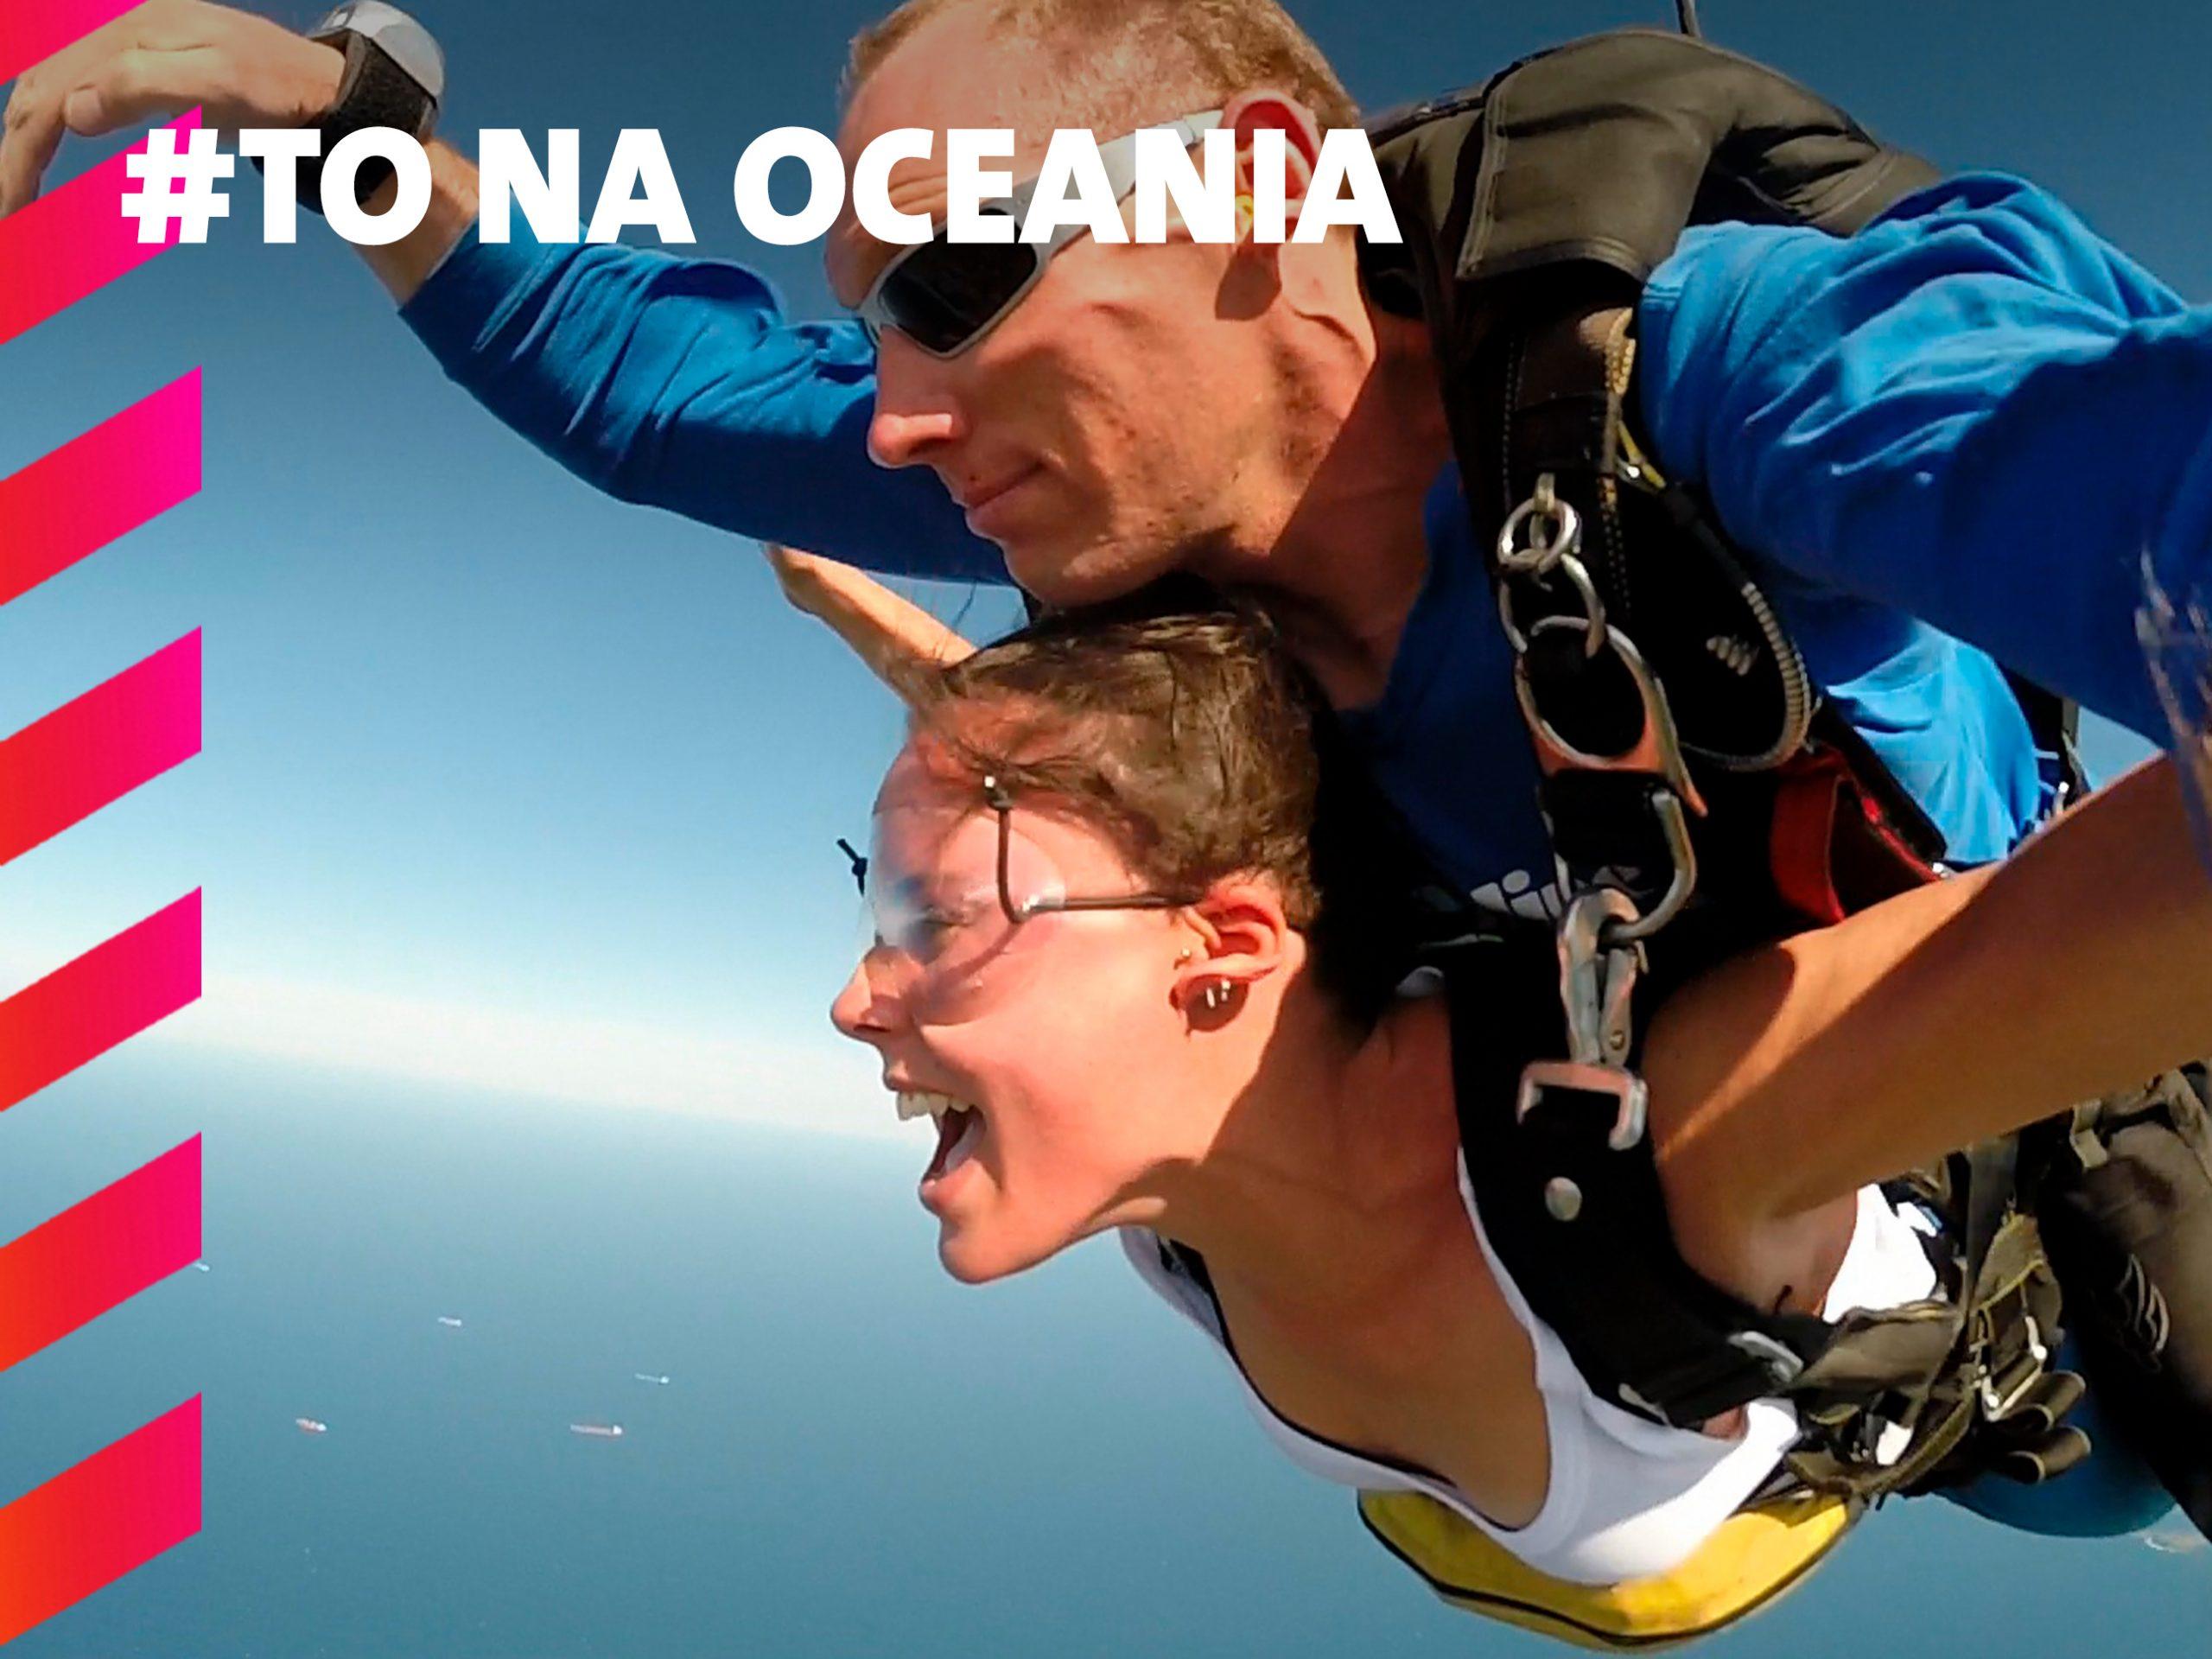 Skydiving.